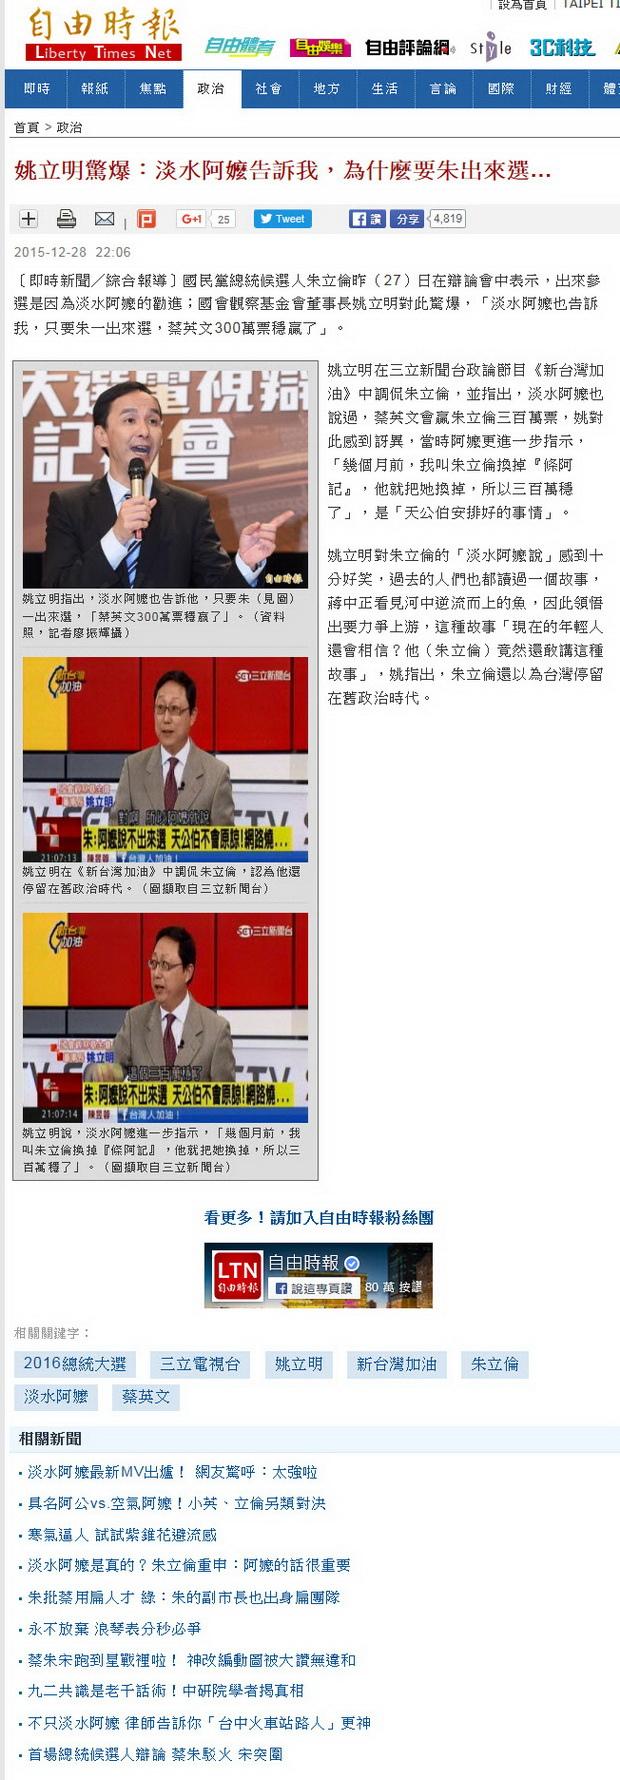 姚立明驚爆:淡水阿嬤告訴我,為什麼要朱出來選…-2015.12.28.jpg